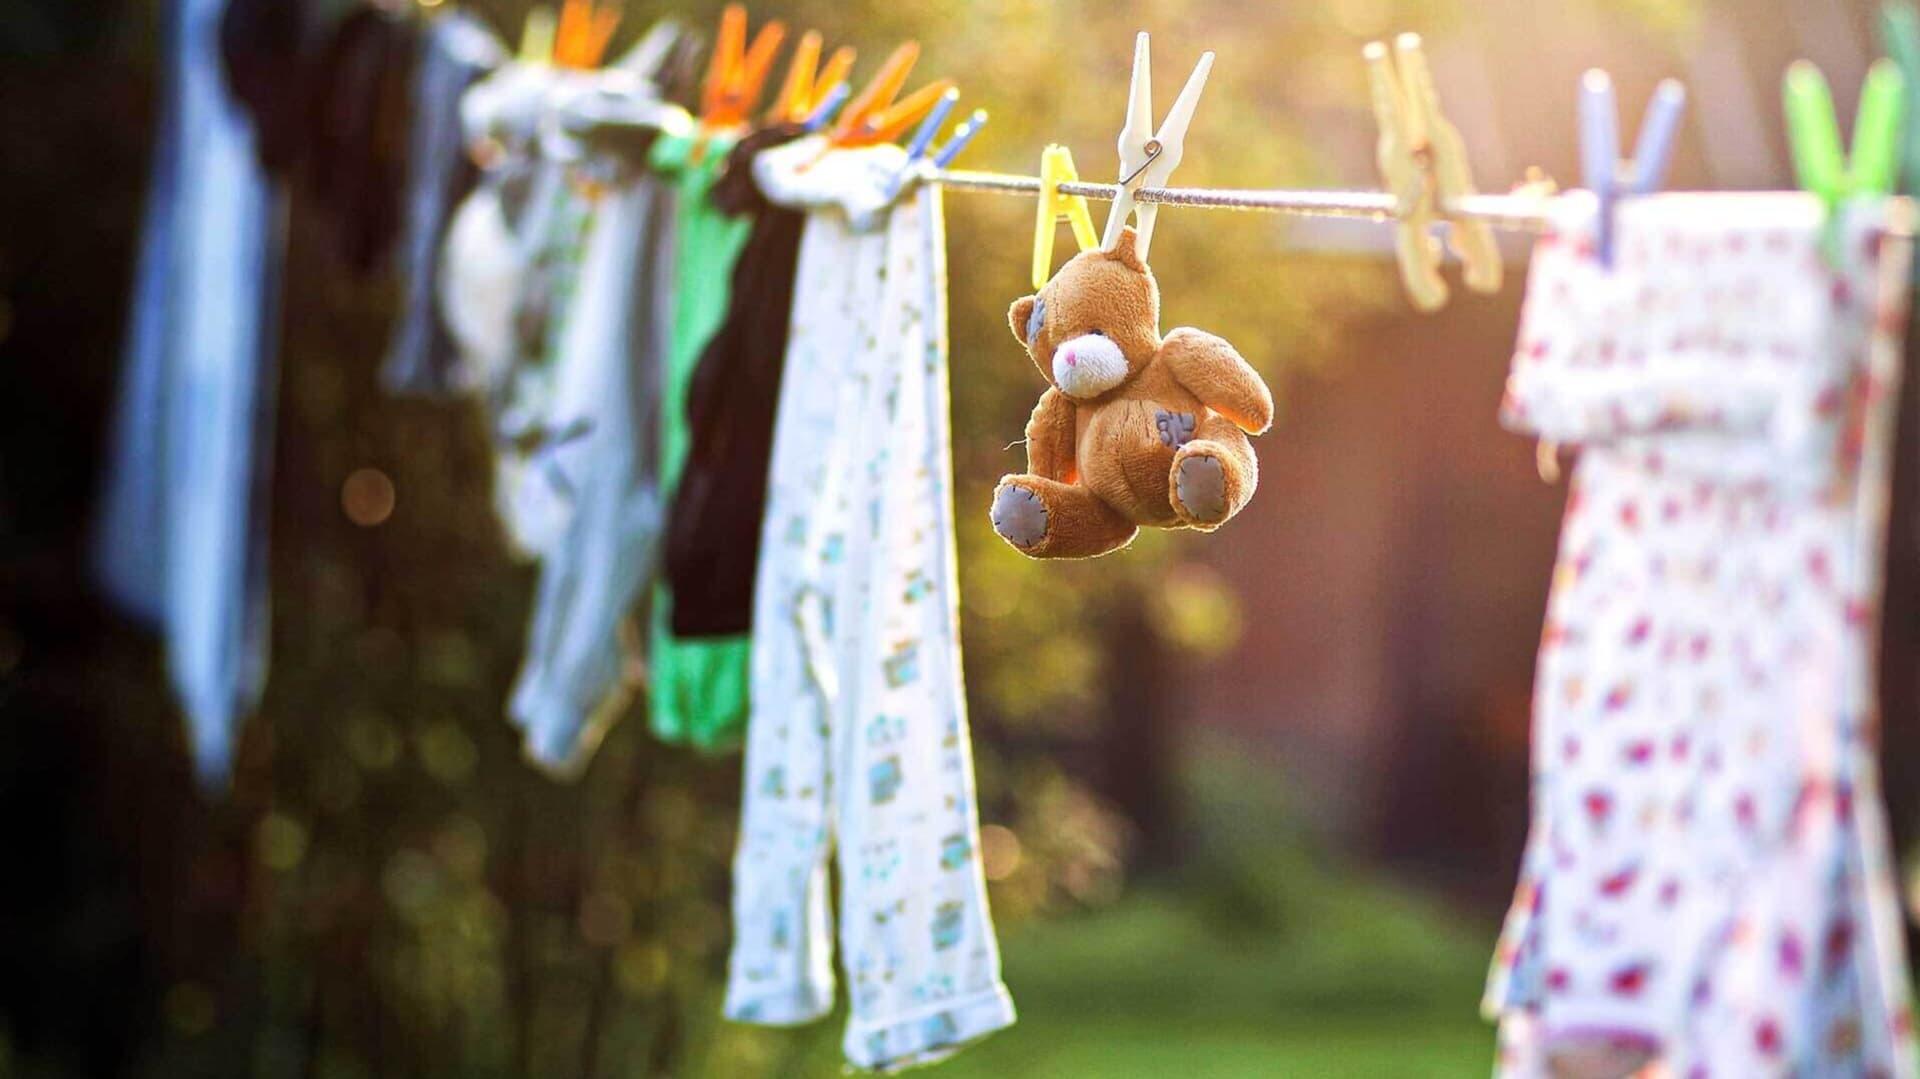 Wäscheleine mit Kinderkleidung und einem Teddy